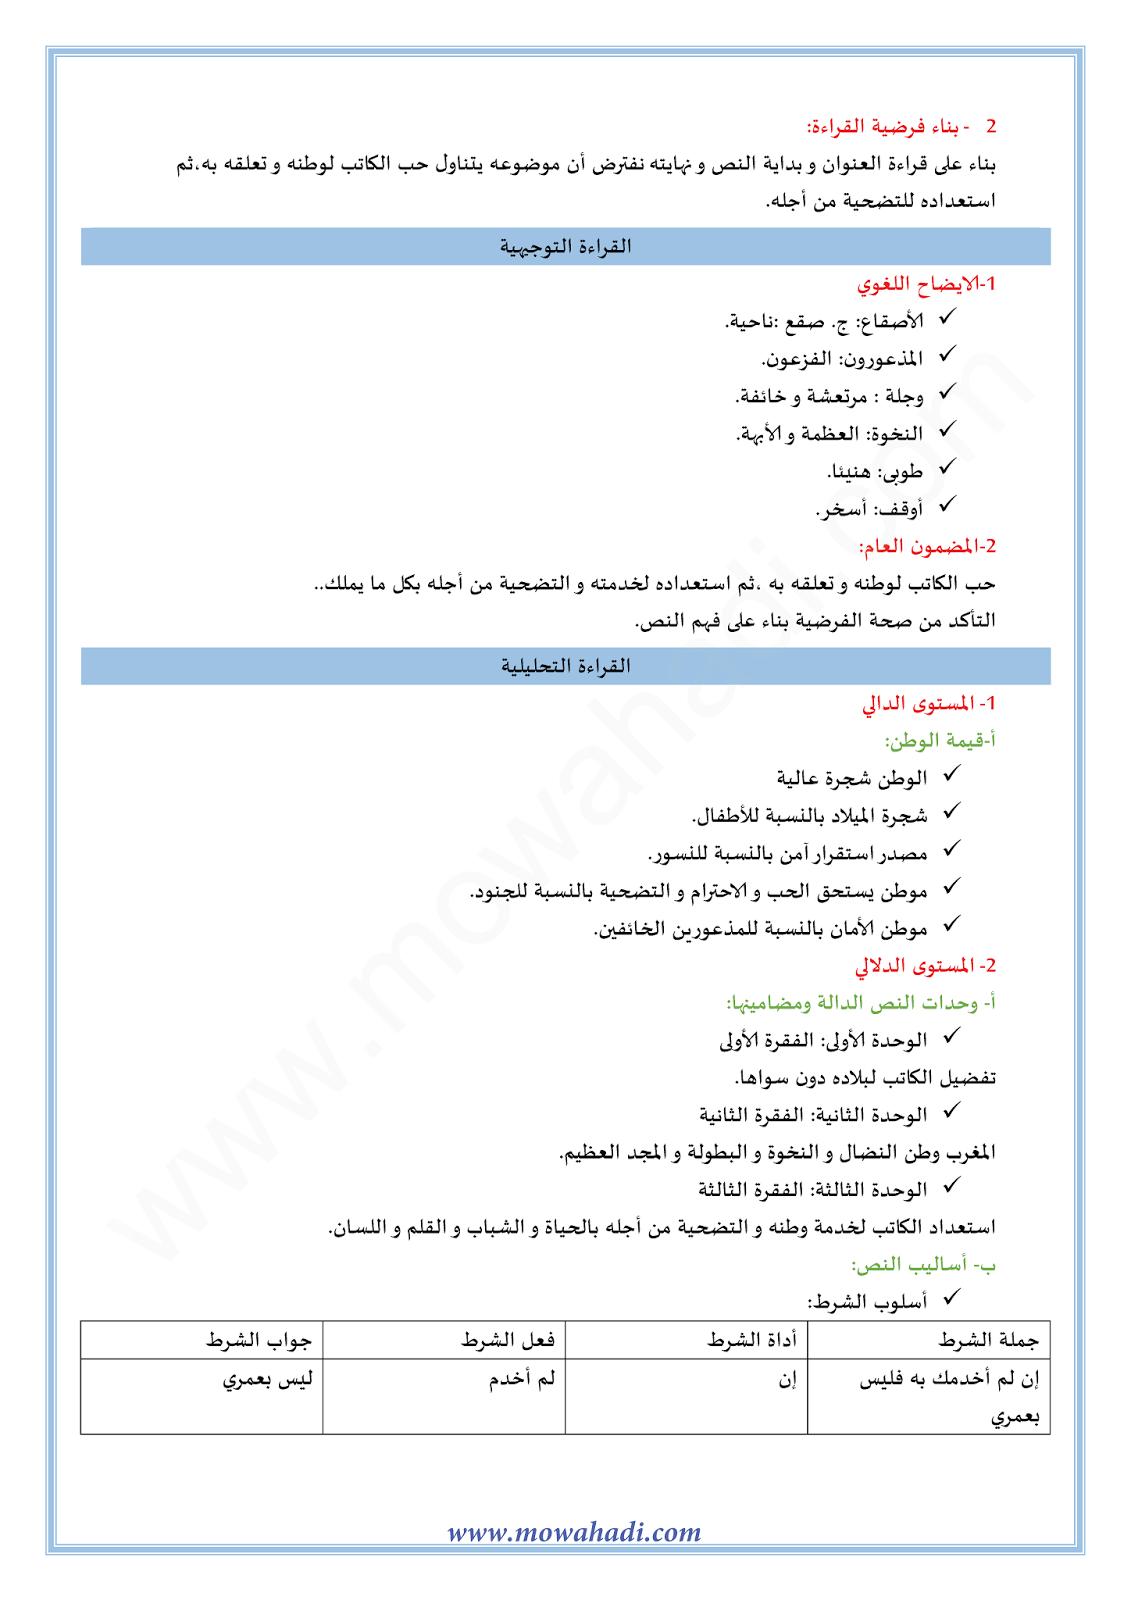 بـــــــــلادي1